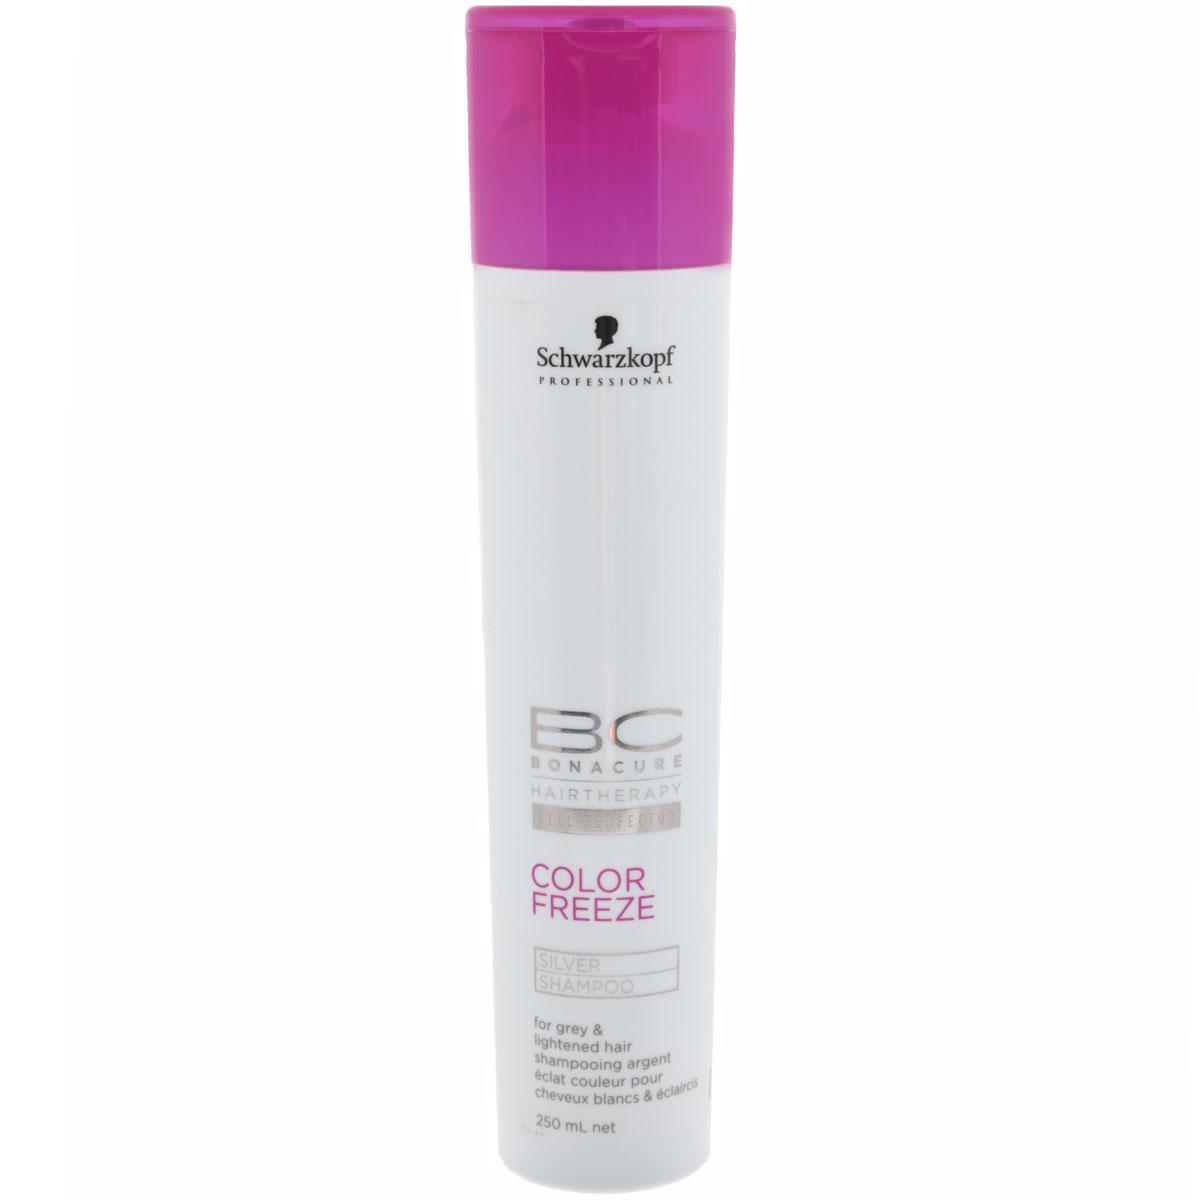 Bonacure Шампунь для волос придающий серебряный оттенок волосам Color Freeze Silver Shampoo 250 мл2066397Шампунь Bonacure Color Freeze, придающий серебристый оттенок волосам, деликатно и эффективно очищает окрашенные волосы и кожу головы. Укрепляет структуру волос и удерживает оптимальный уровень pH 4.5, сводит потерю цвета к 0. Нейтрализует теплые оттенки и придает холодный оттенок волосам. Для окрашенных волос. Рекомендуется использовать в комплексе с продуктами ухода линейки BC Color Freeze.